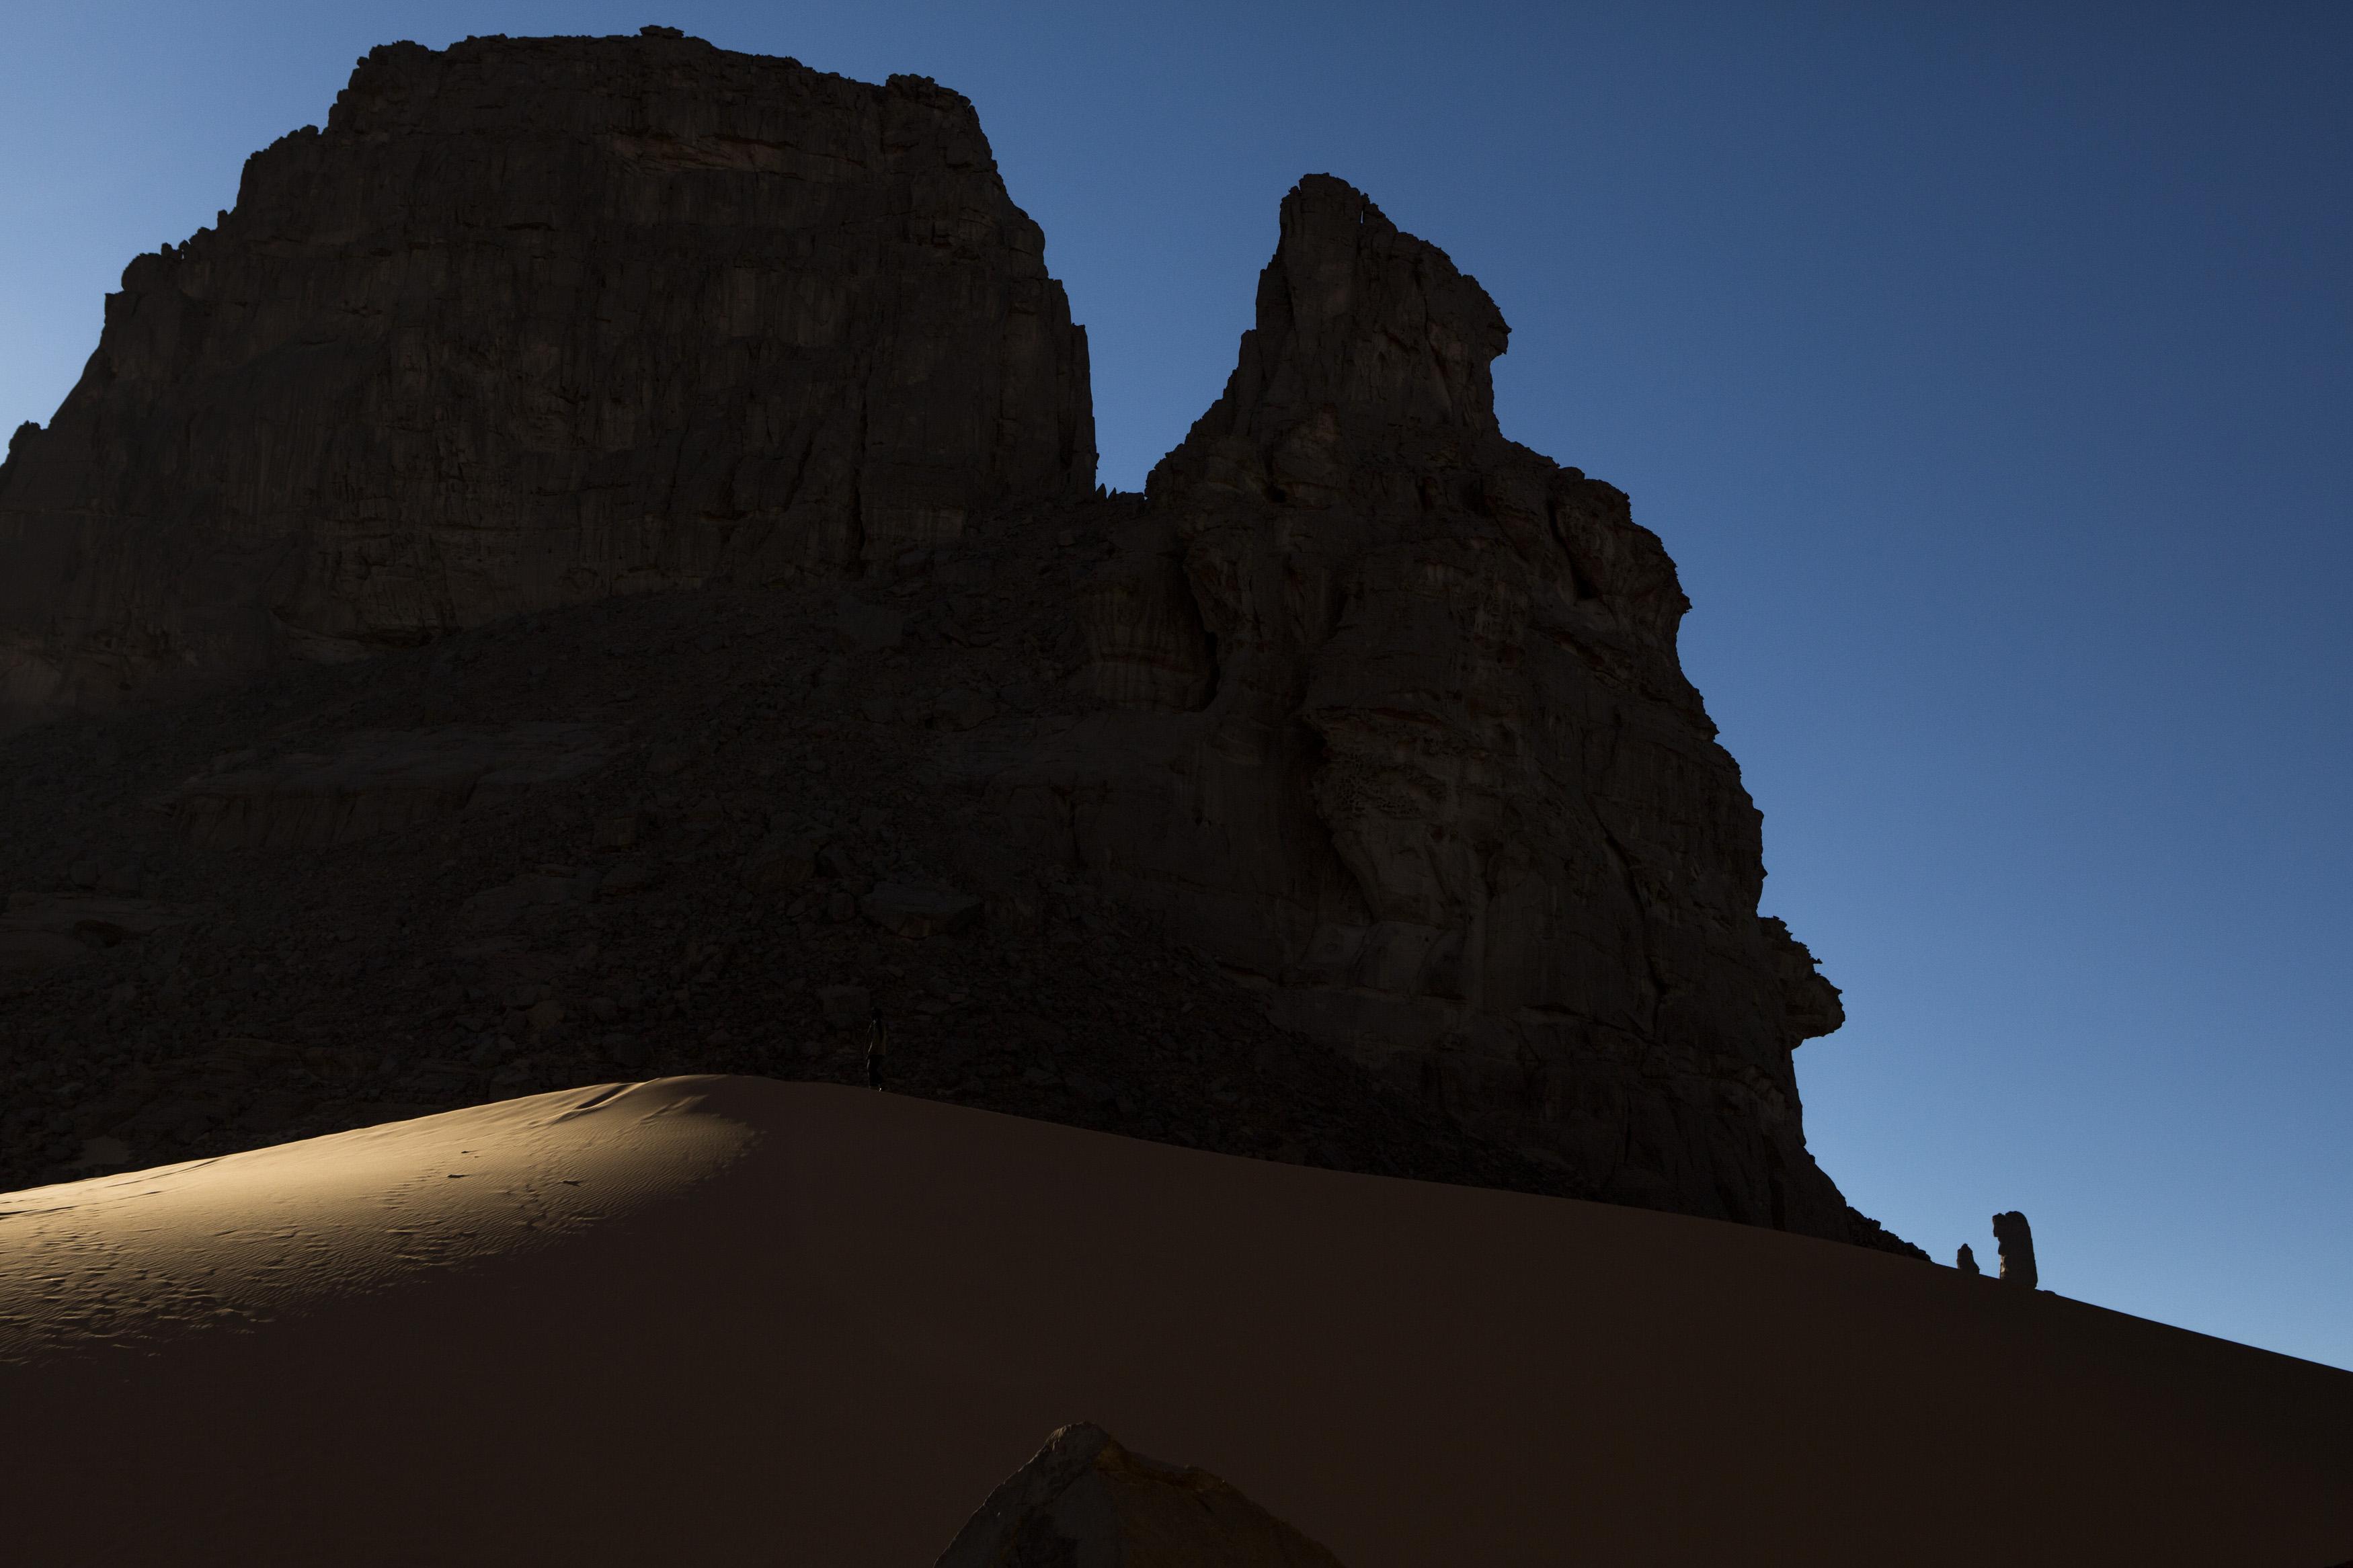 Landscape of the Tadrart. The Tadrart (200 km southeast of Djanet) is located in the south of the Tassili N'Ajjer National Park and is part of one of the most beautiful desert in the world but above all the central Sahara. From huge canyons to cliffs carved with rocky peaks of various shapes mix with dunes of colored sand with yellow and red reflections. The Tadrart, Algeria-February 6, 2017.  Paysage de la Tadrart. La Tadrart (200 km au sud-est de Djanet) se situe dans le sud du Parc National du Tassili N'Ajjer et il fait partie d'un des plus beau désert au monde mais avant tout du Sahara central.  D'immenses canyons aux falaises sculptées avec de pitons rocheux aux formes les plus diverses  se mélangent avec des dunes de sable coloré aux reflets jaune et rouge. La Tadrart,, Algérie-6 février 2017.